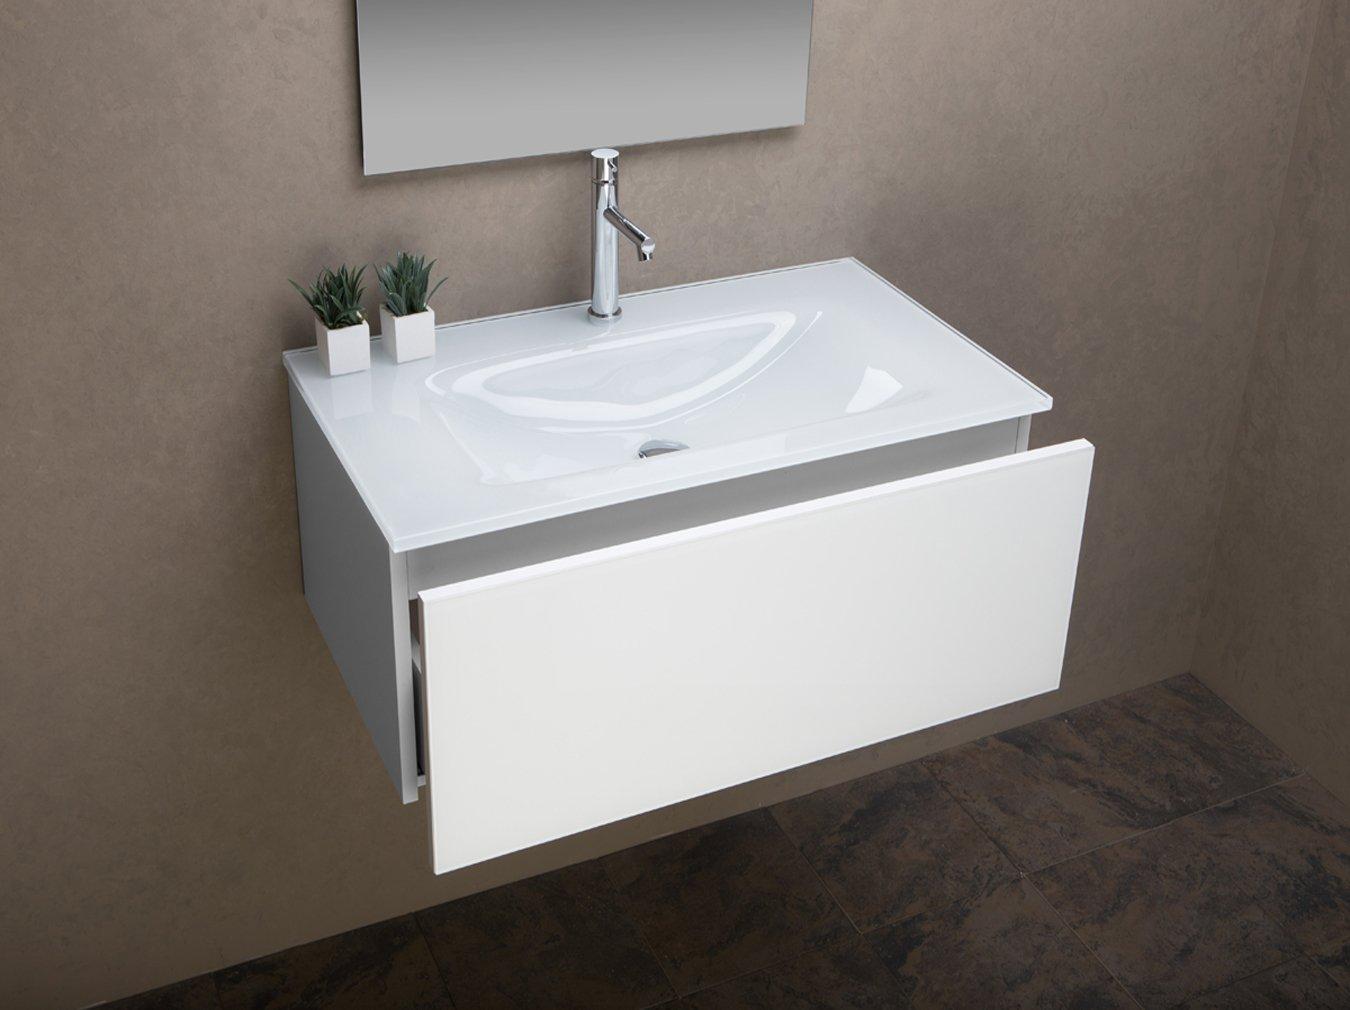 Badezimmer Schrank mit UltraClear Glas Waschbecken weiß lackiert cm ...